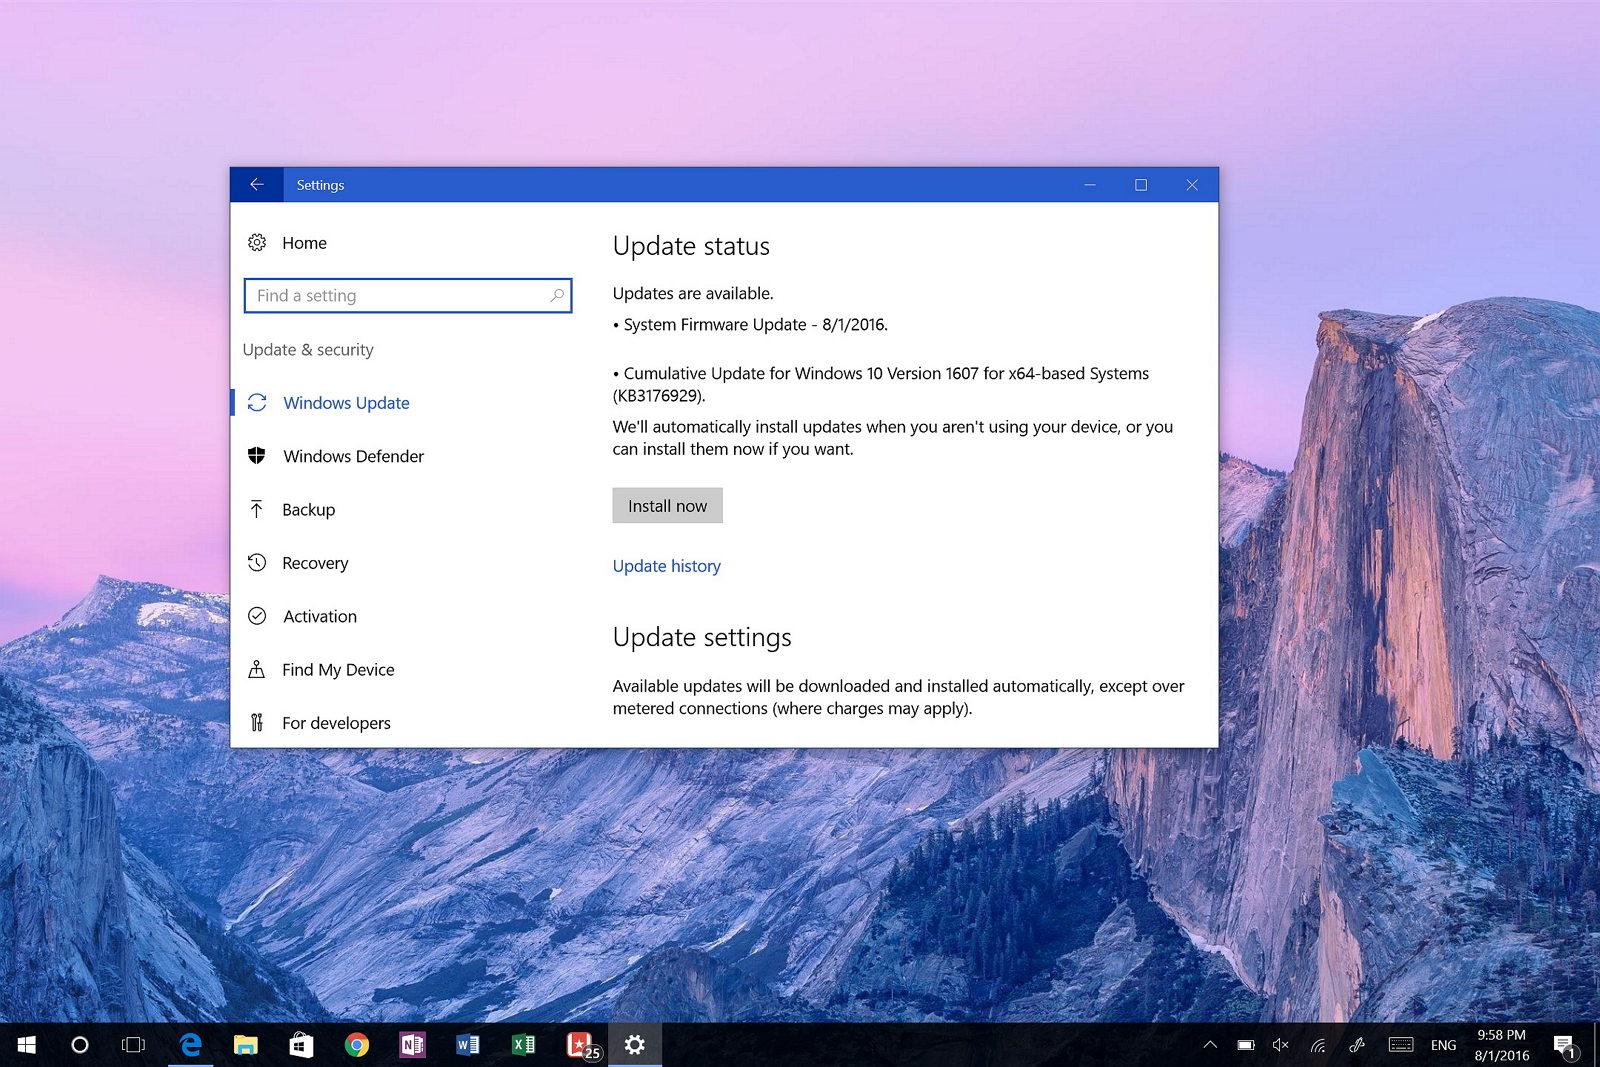 KB3176929 Windows 10 Anniversary Update